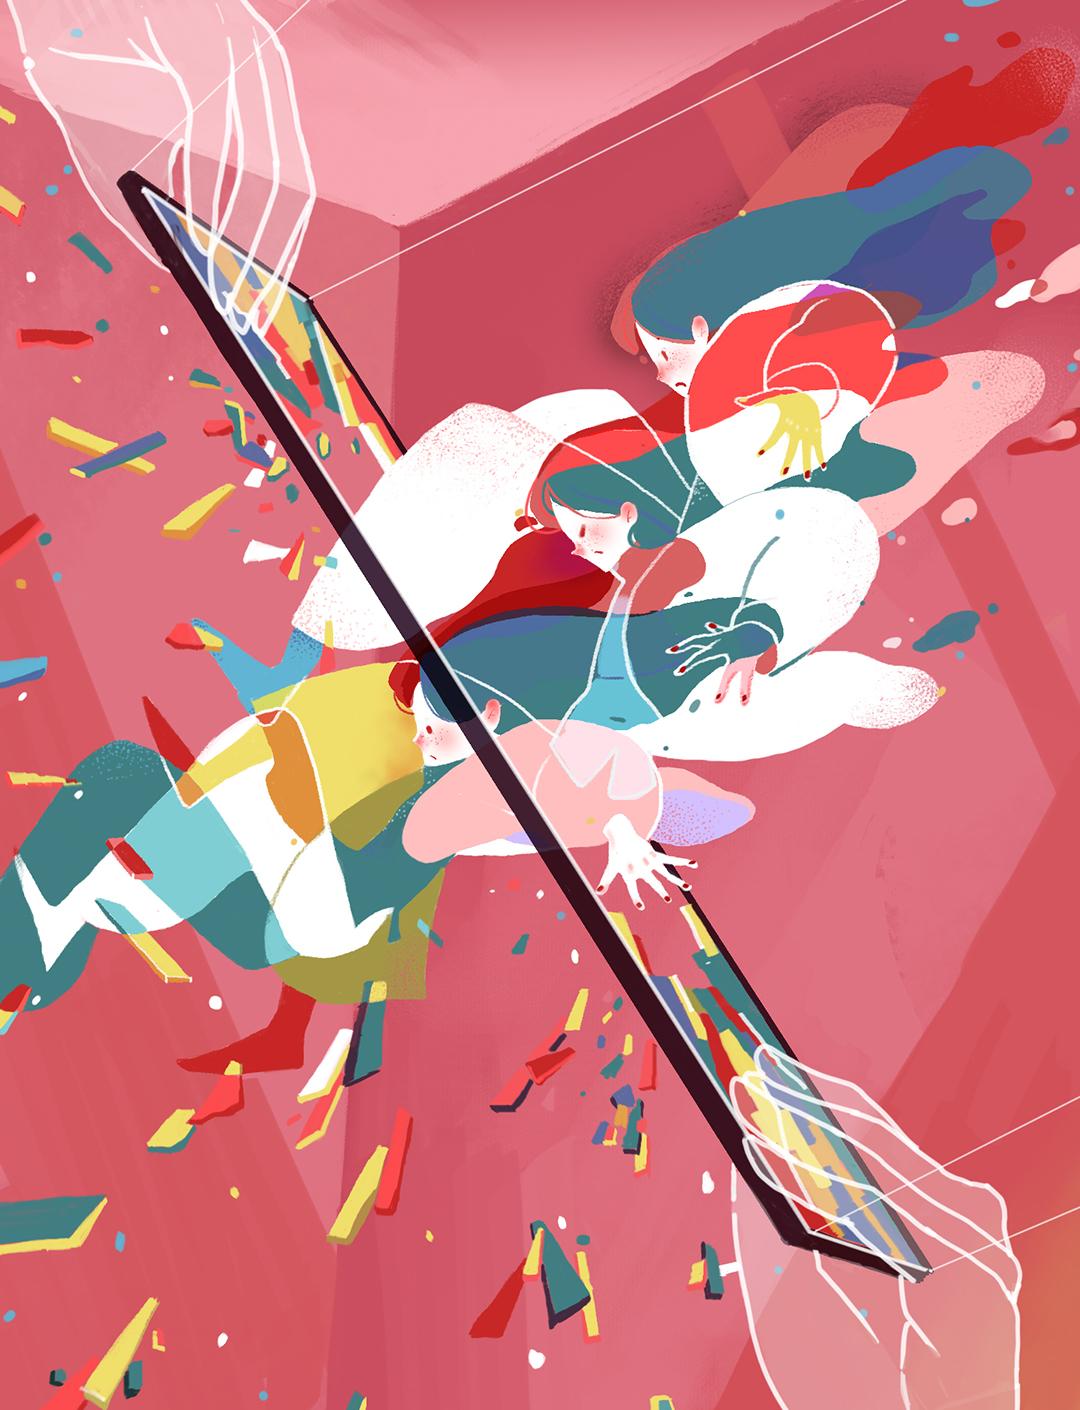 GirlsclubAsia-Illustrator-KeCui-China-03